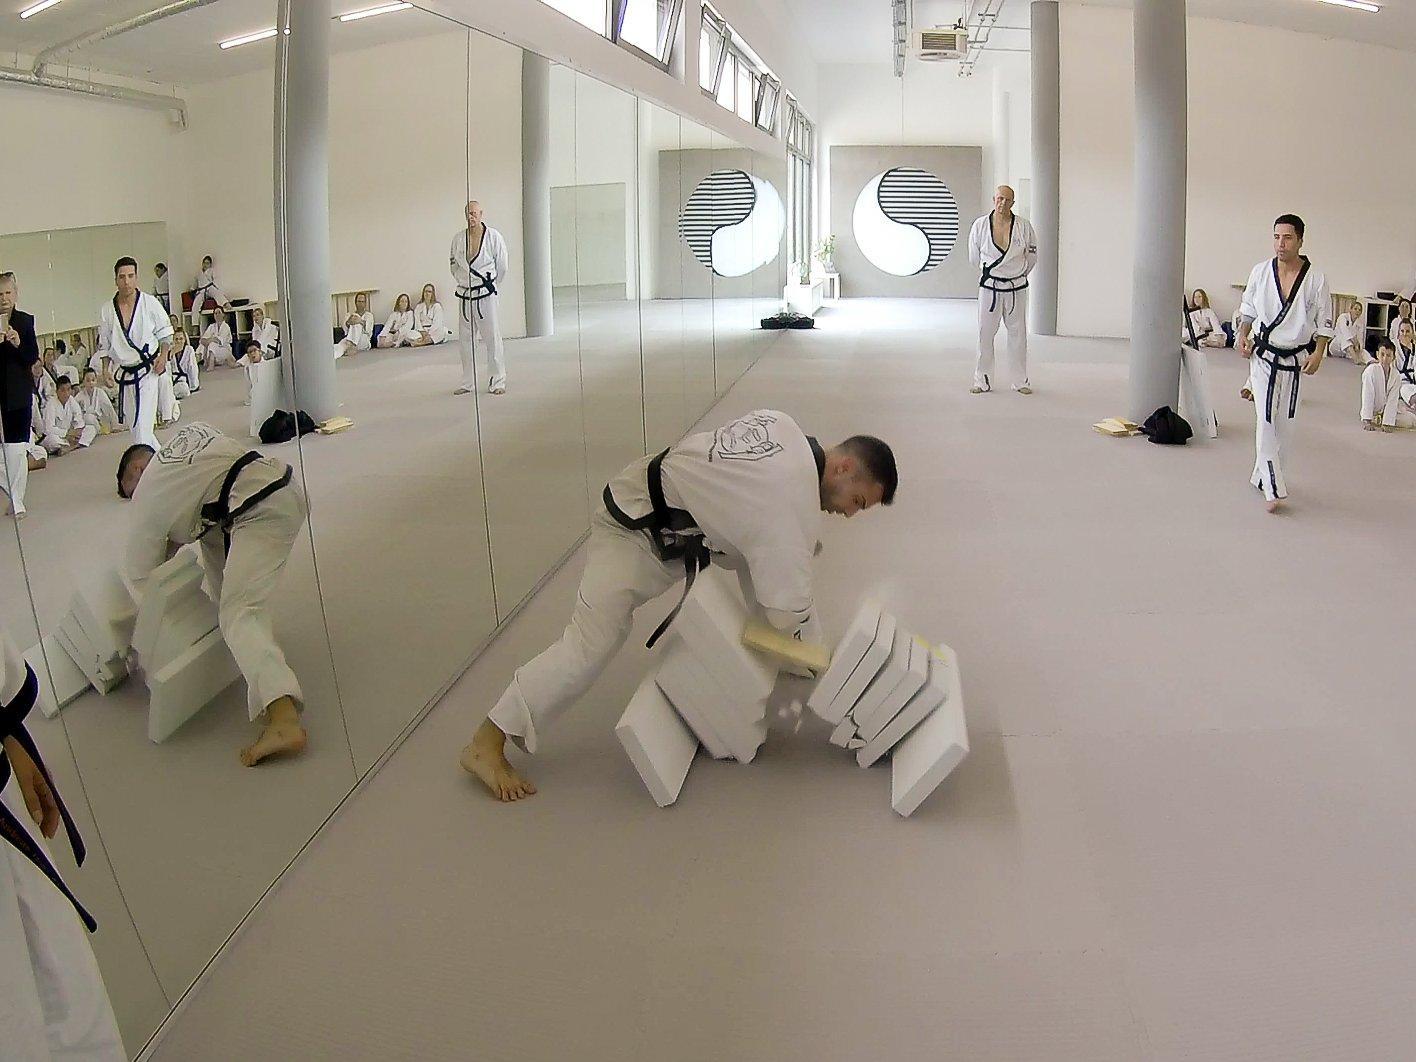 Neueröffnung YOUNG-UNG Taekwondo Kampfsport Wagramerstrasse 147 Zeitung Heute